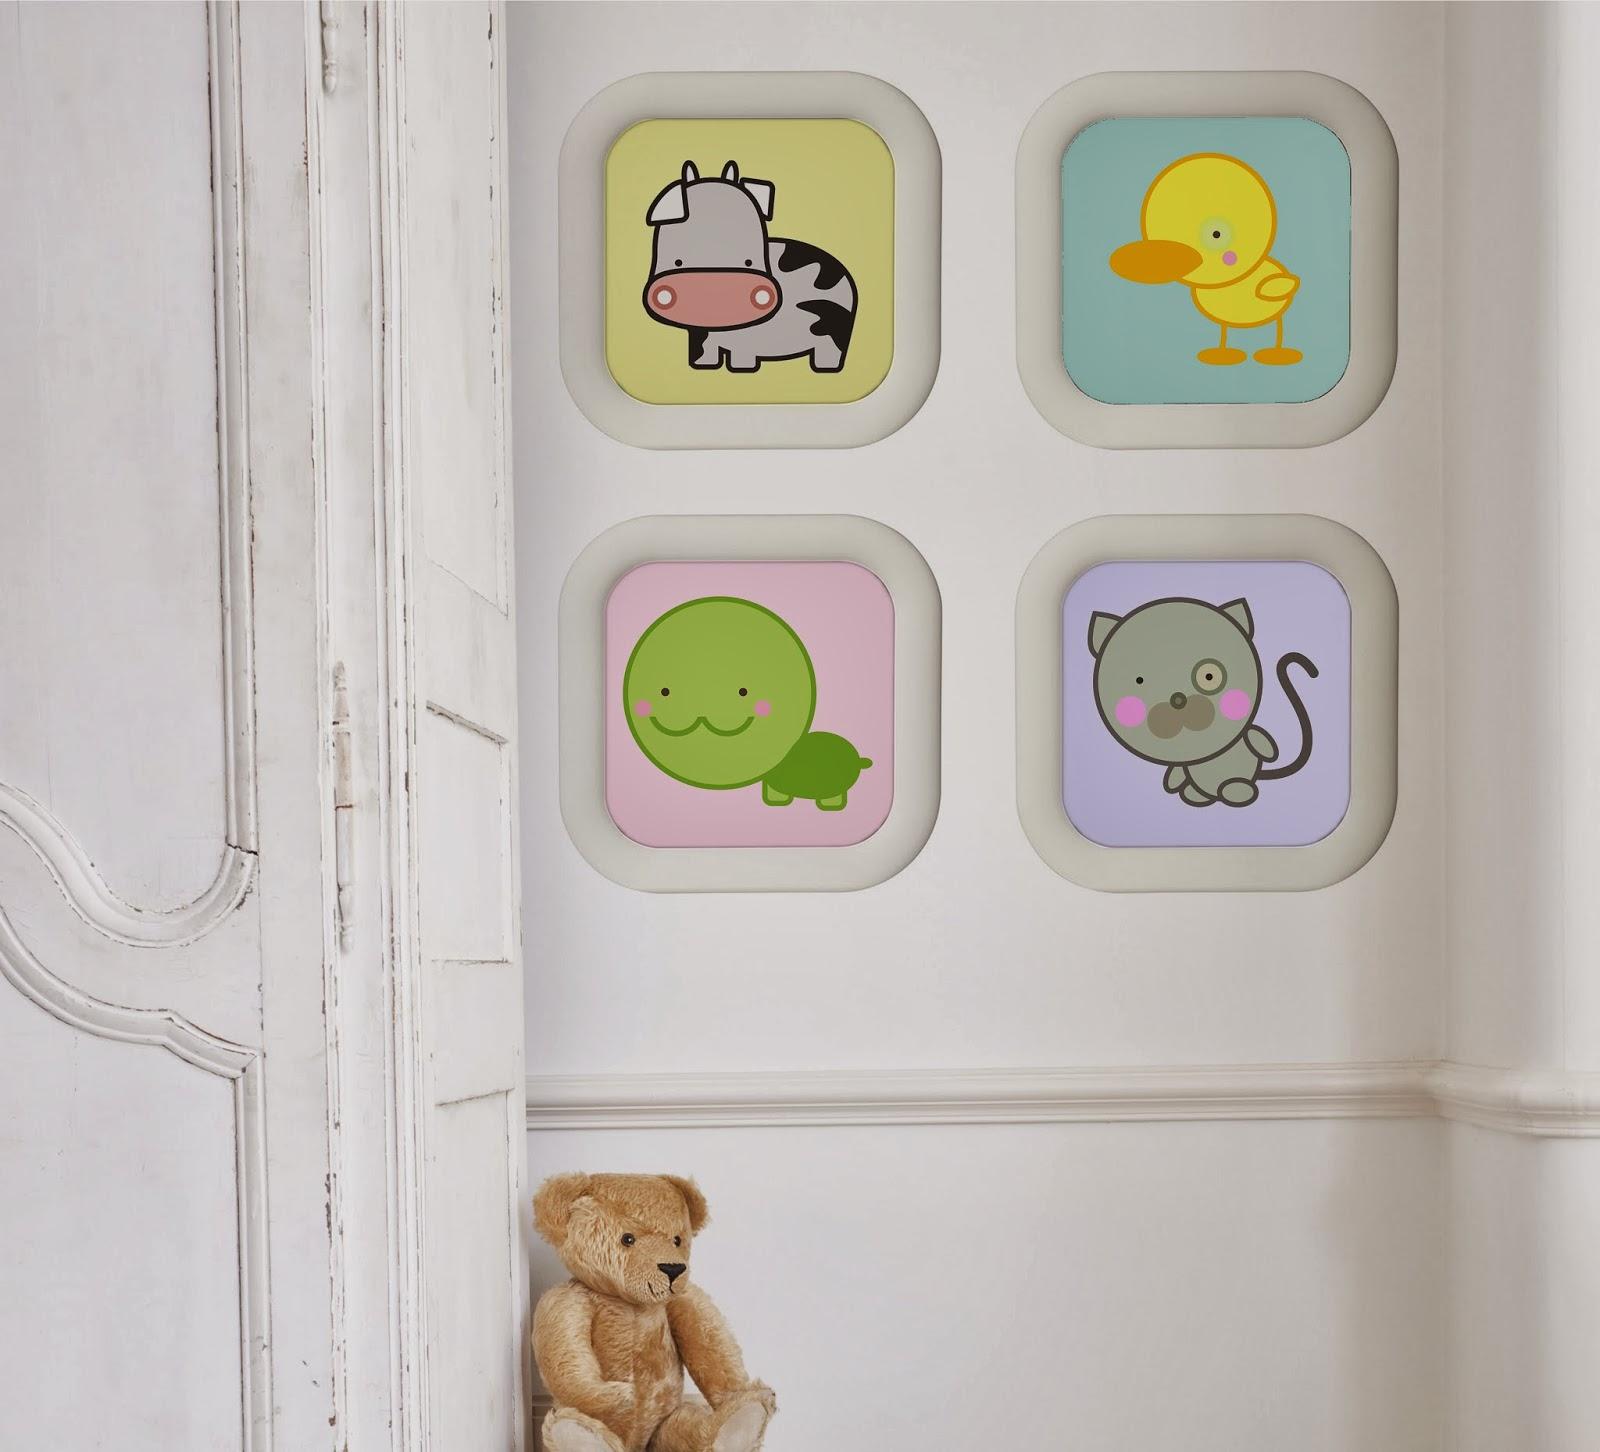 Reci n nacidos regalos diferentes dibucos - Laminas habitacion bebe ...